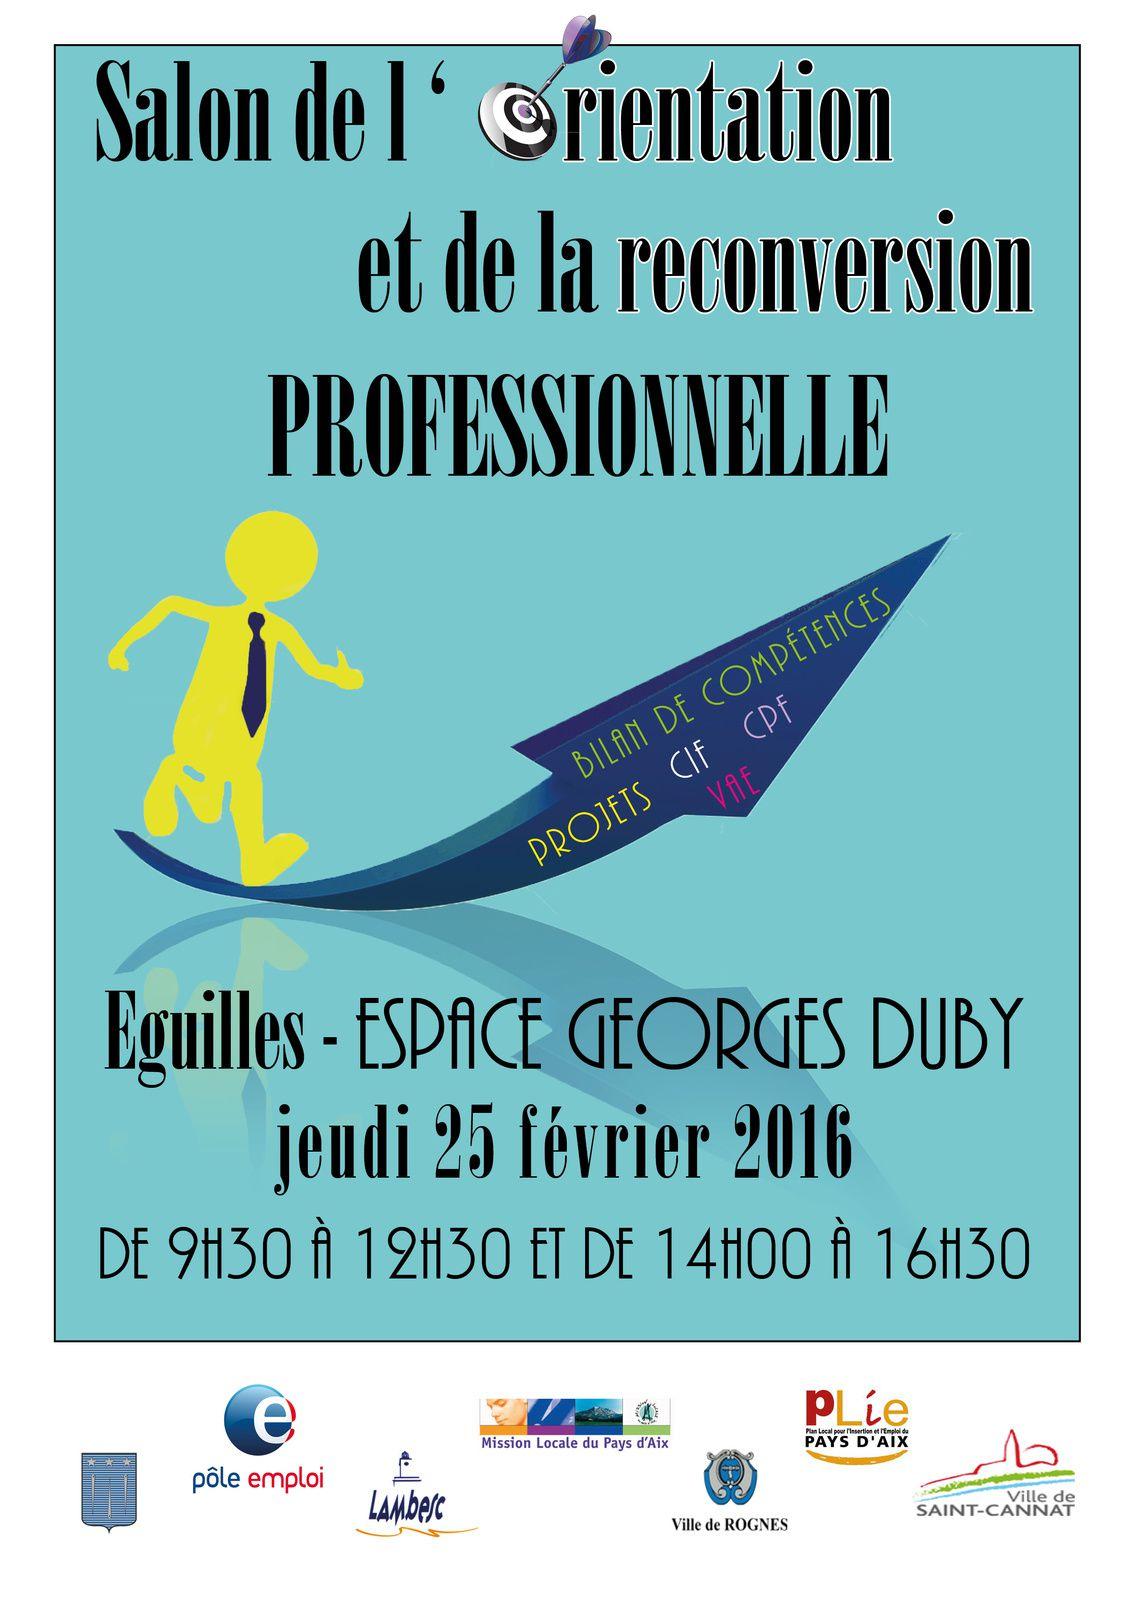 Salon de l'Orientation et de la Reconversion: Eguilles le jeudi 25/02/2016